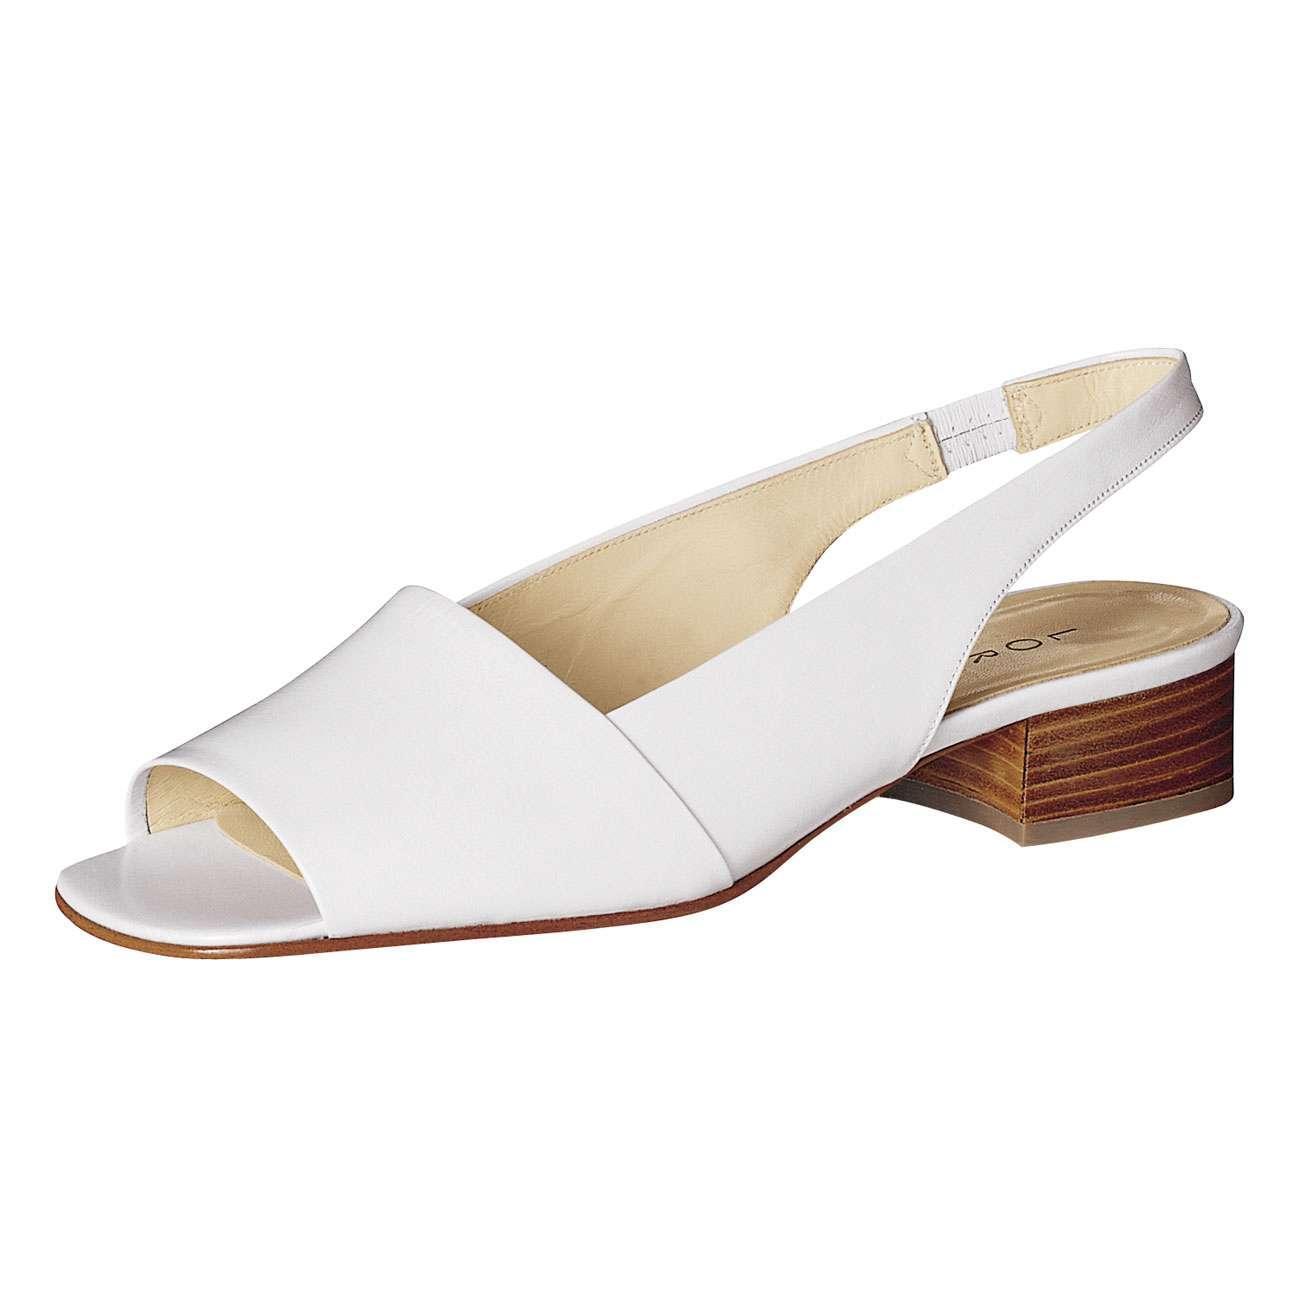 Lorbac Shoes Uk